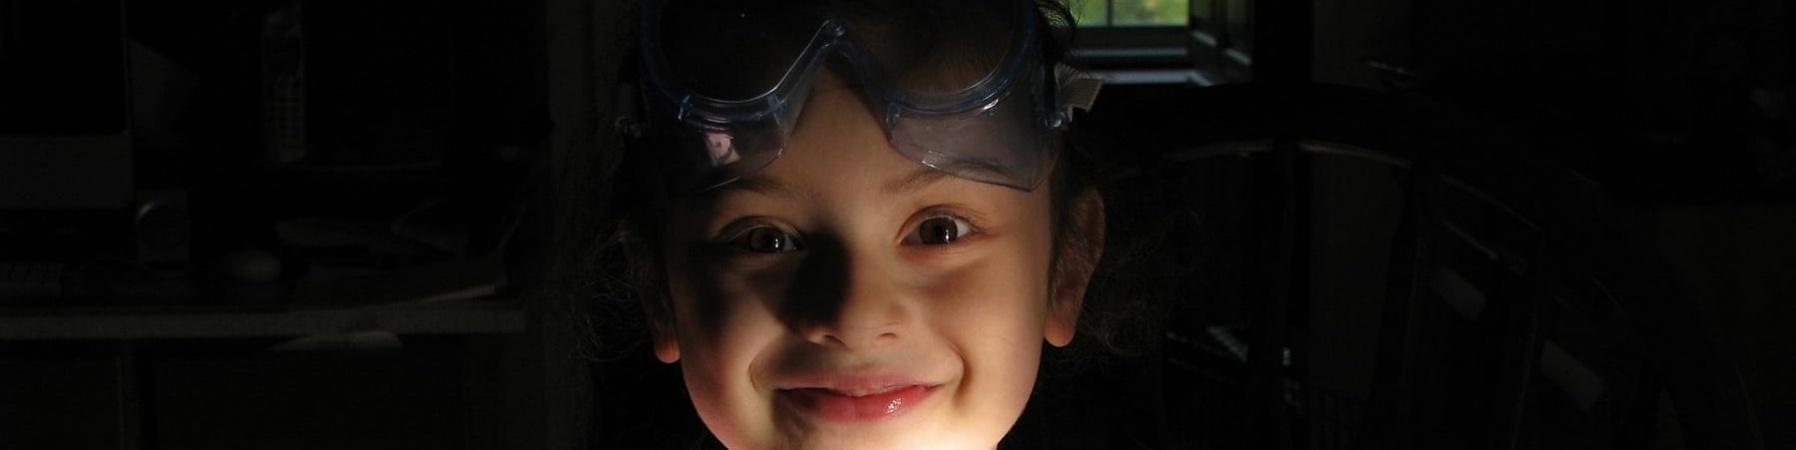 bambina sorridente con maschera snorkeling sulla fronte seduta al tavolo tiene in mano un pennello mentre lavora a un esperimento